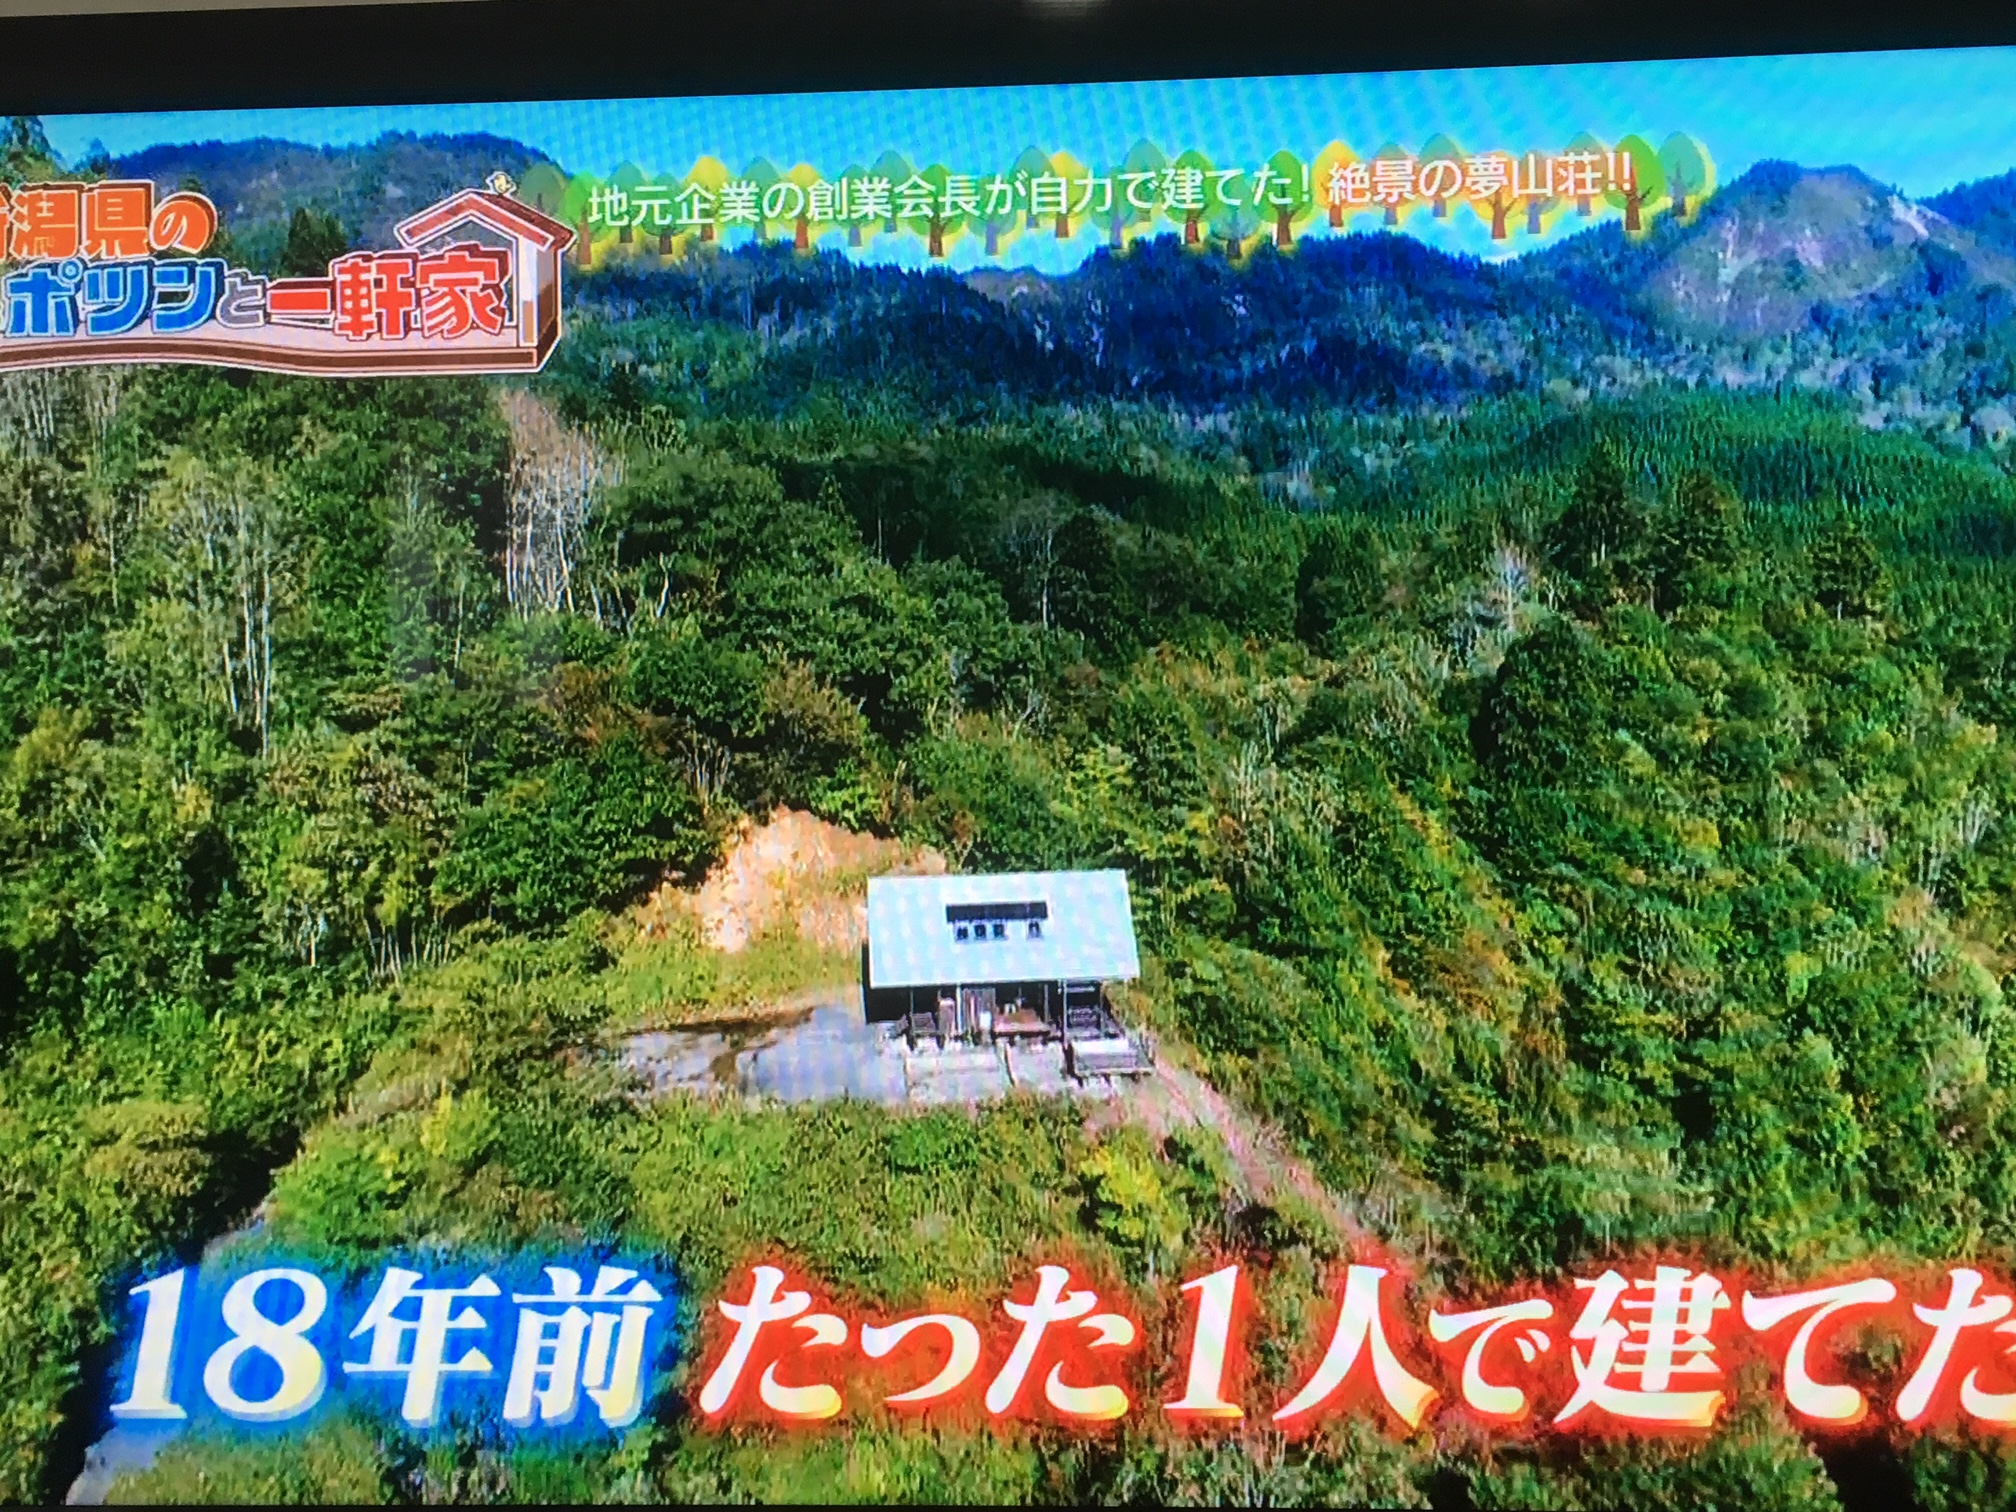 ポツン と 一軒家 秋田 県